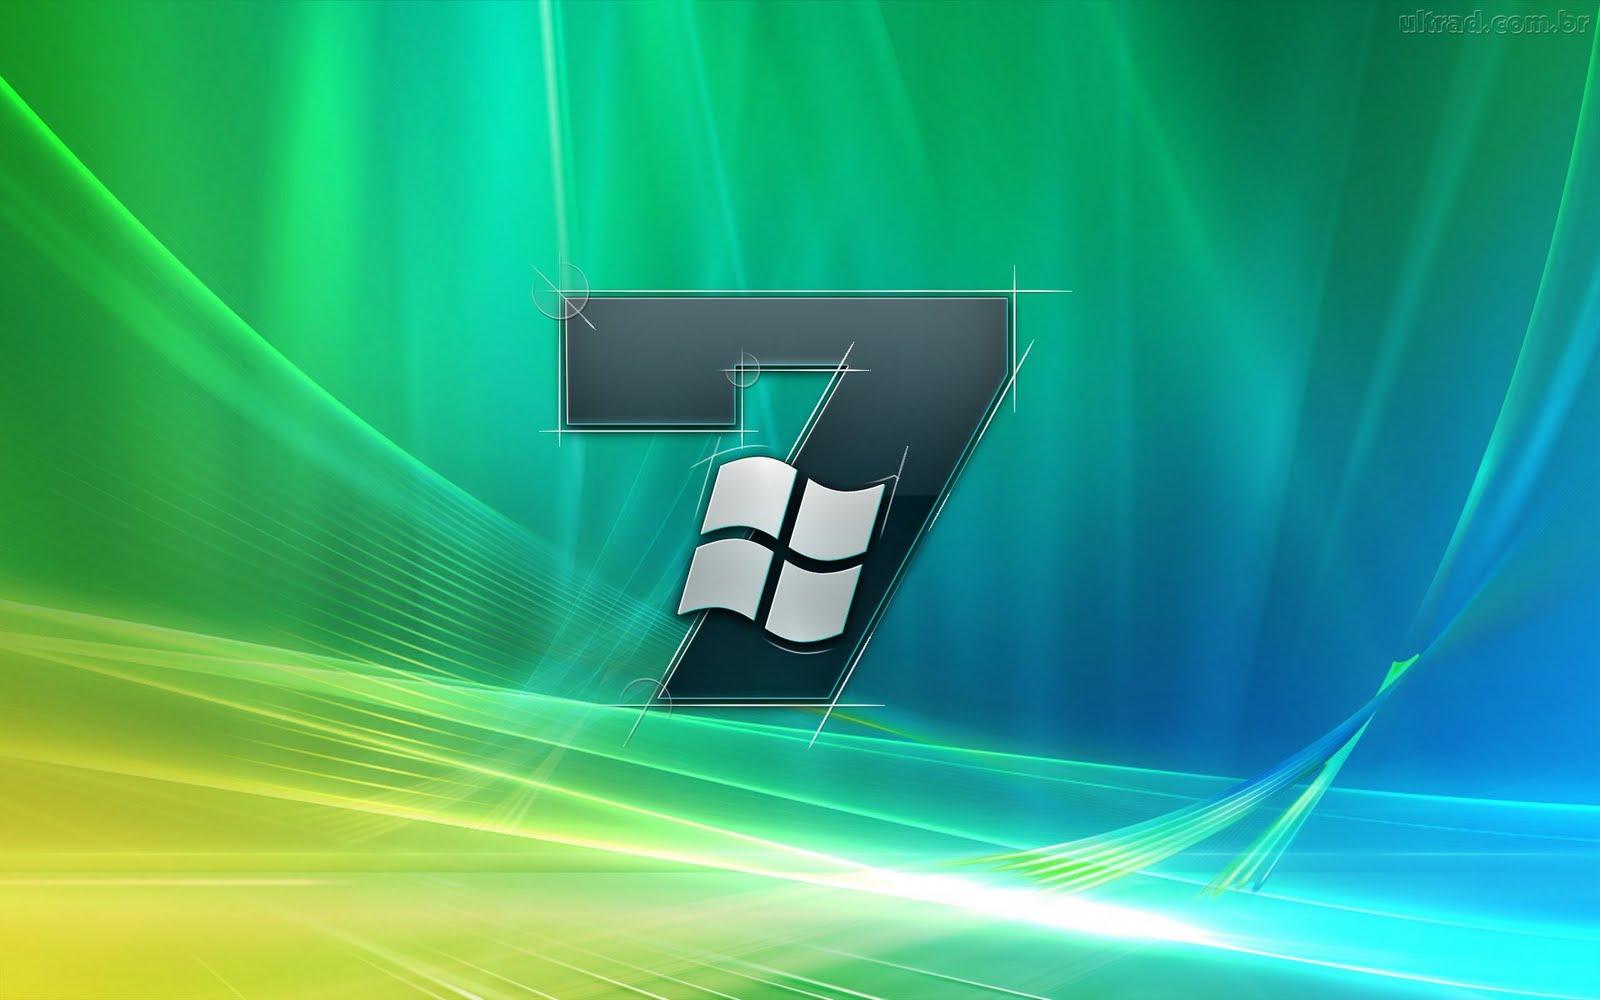 Скачать Обои На Компьютер 7